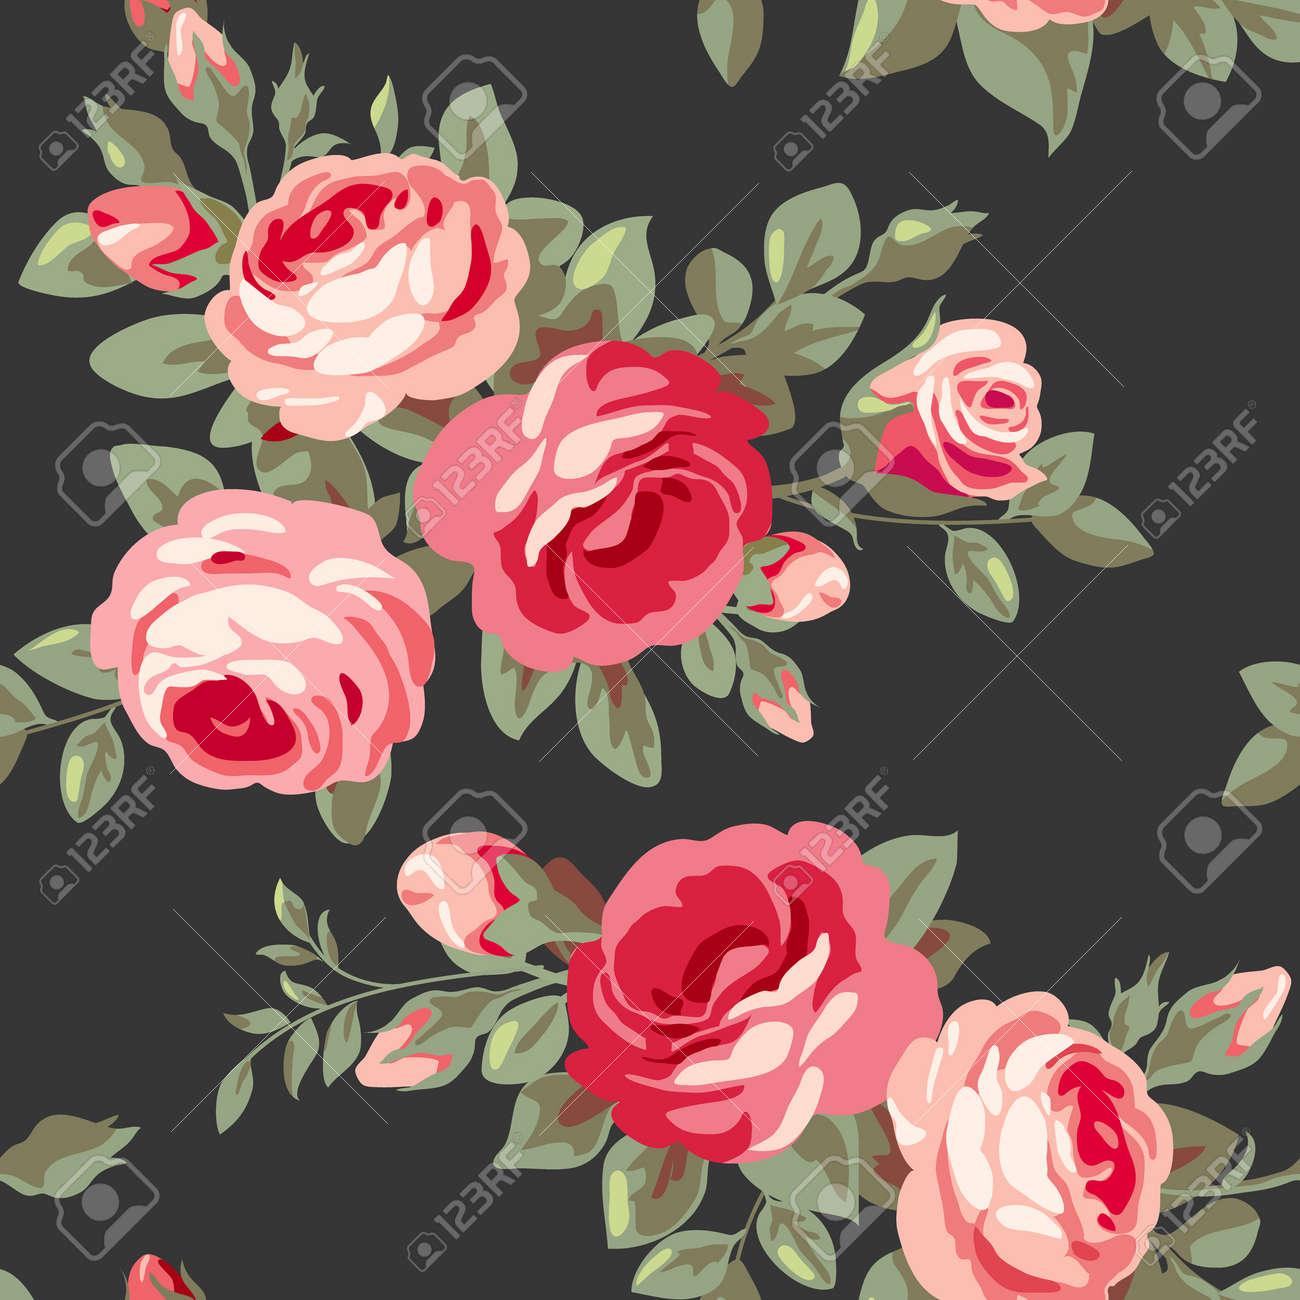 ピンクのバラとのシームレスなパターン 花が咲くとビンテージの